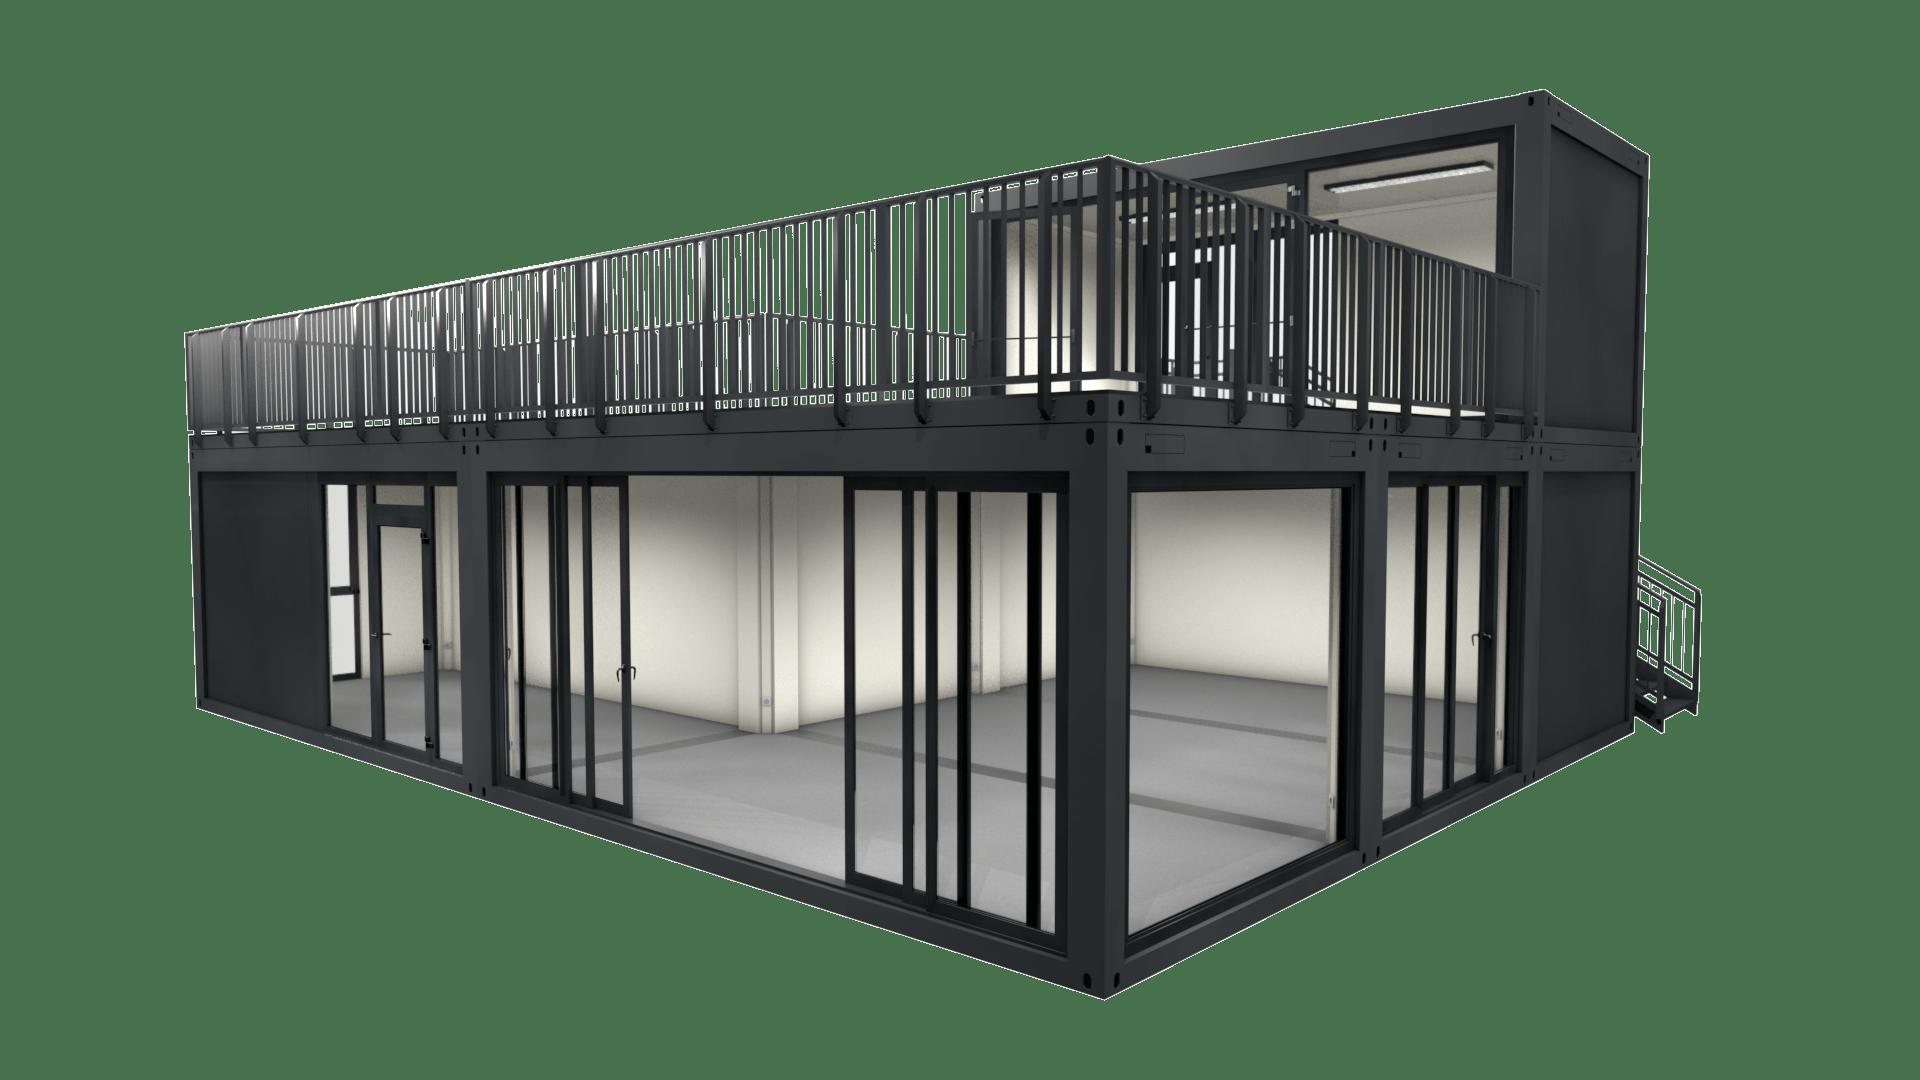 Container Modul M 32 ist ein Containergebäude mit Dachterrasse